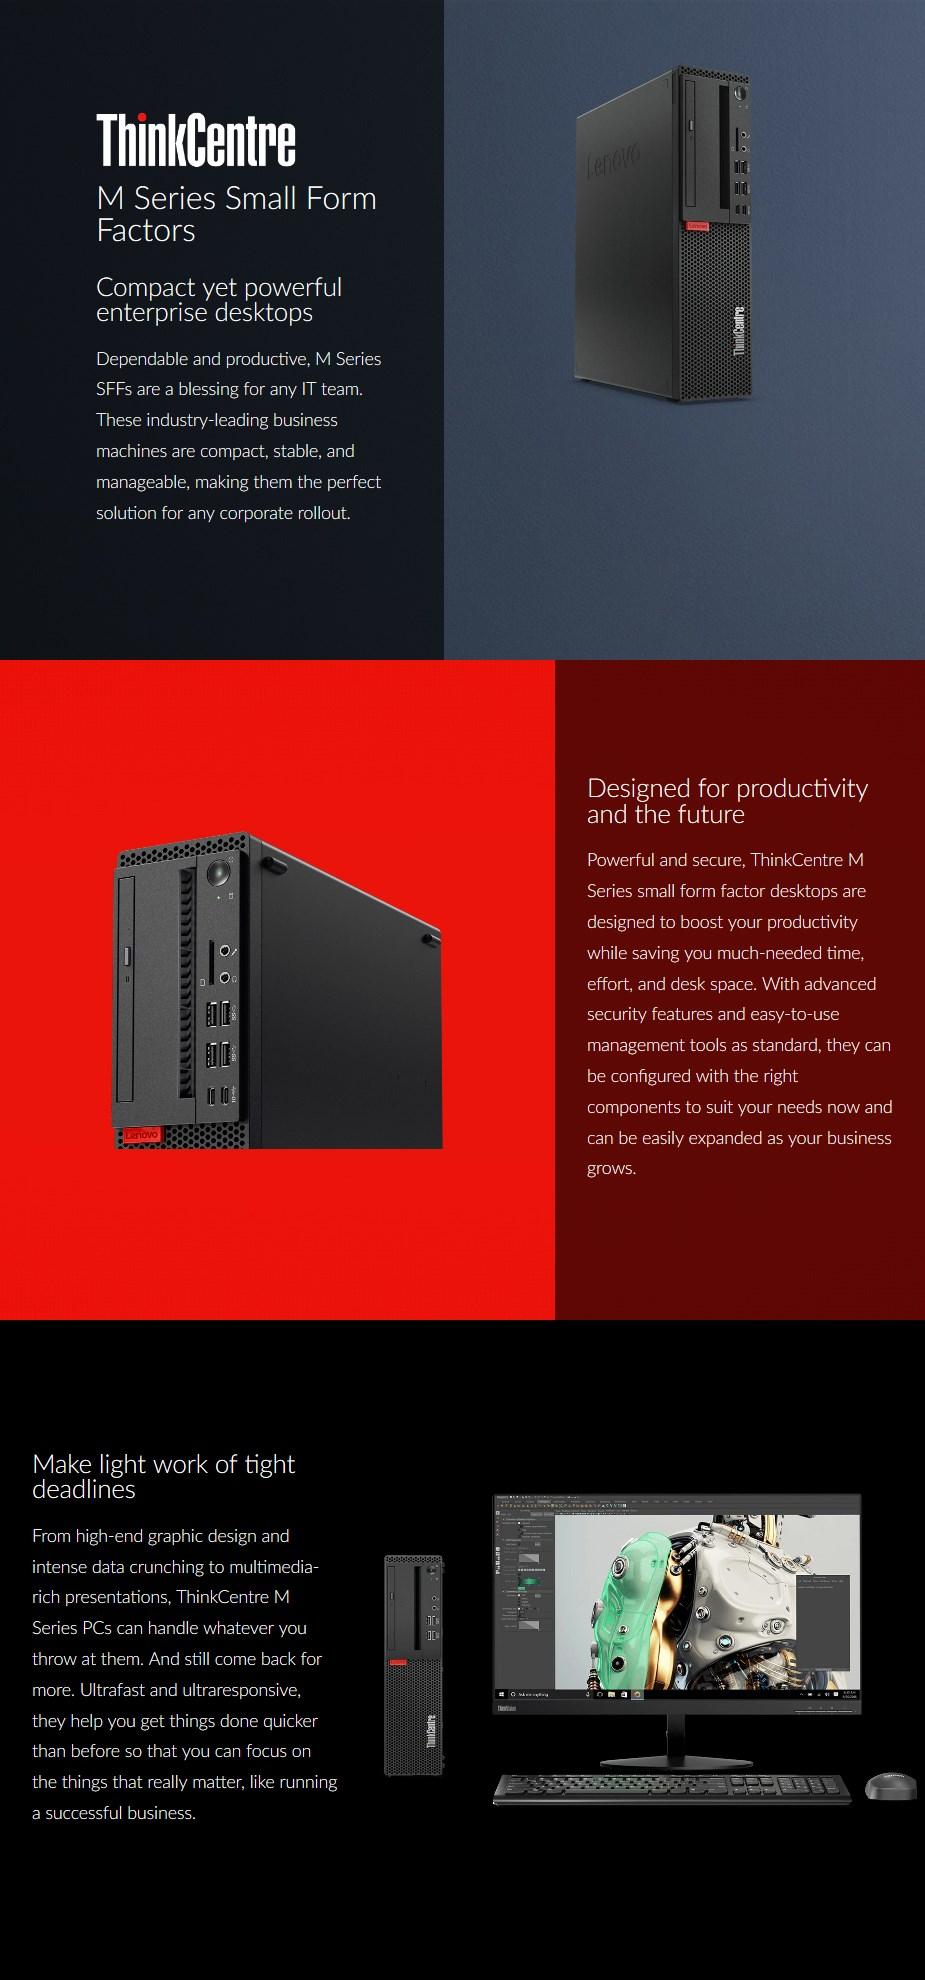 Lenovo M920 SFF PC i7-9700 16GB 512GB Win10 Pro - Desktop Overview